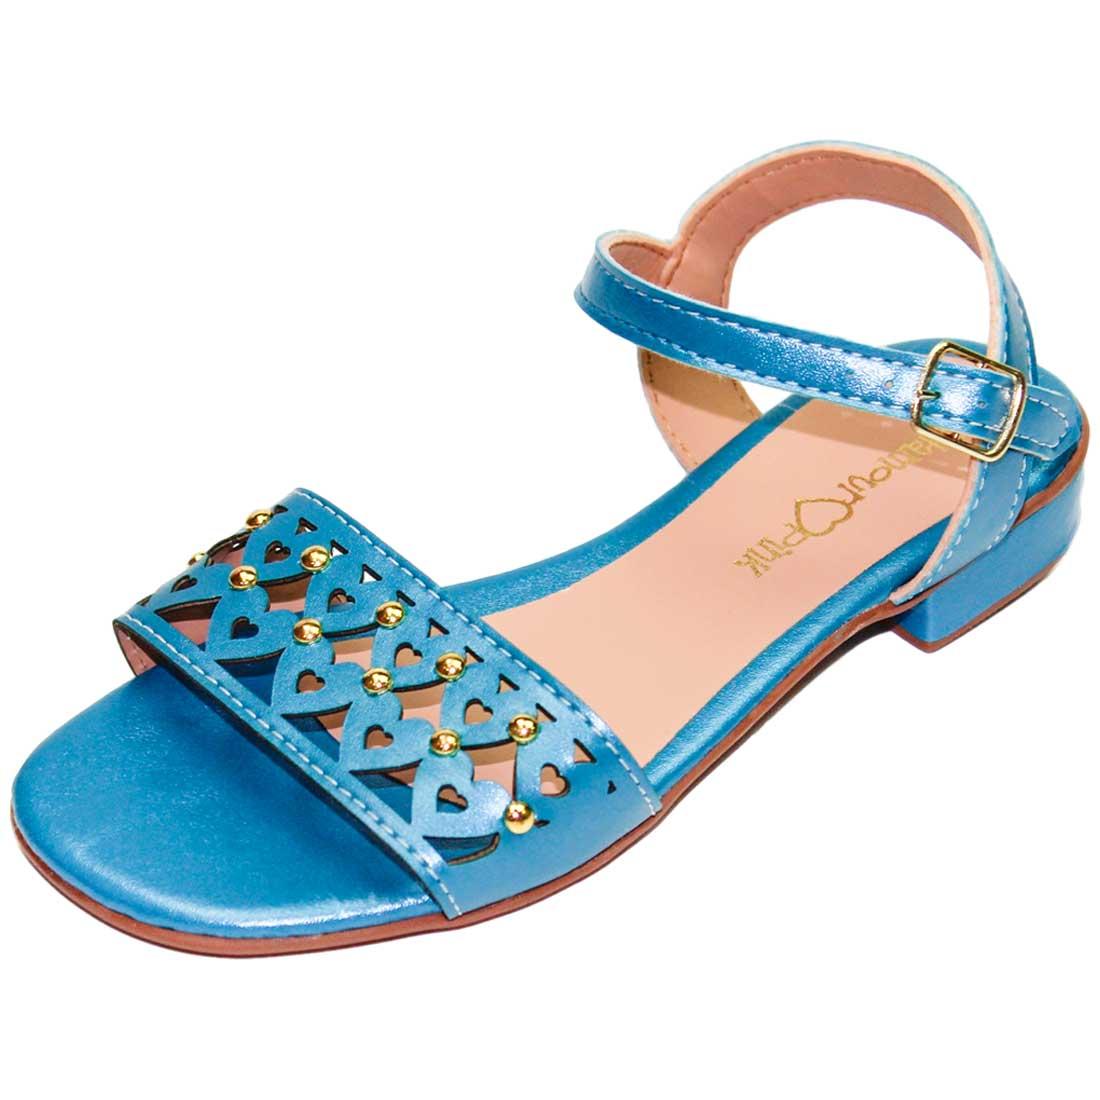 Sandália Baby Coração Metalizada - Azul